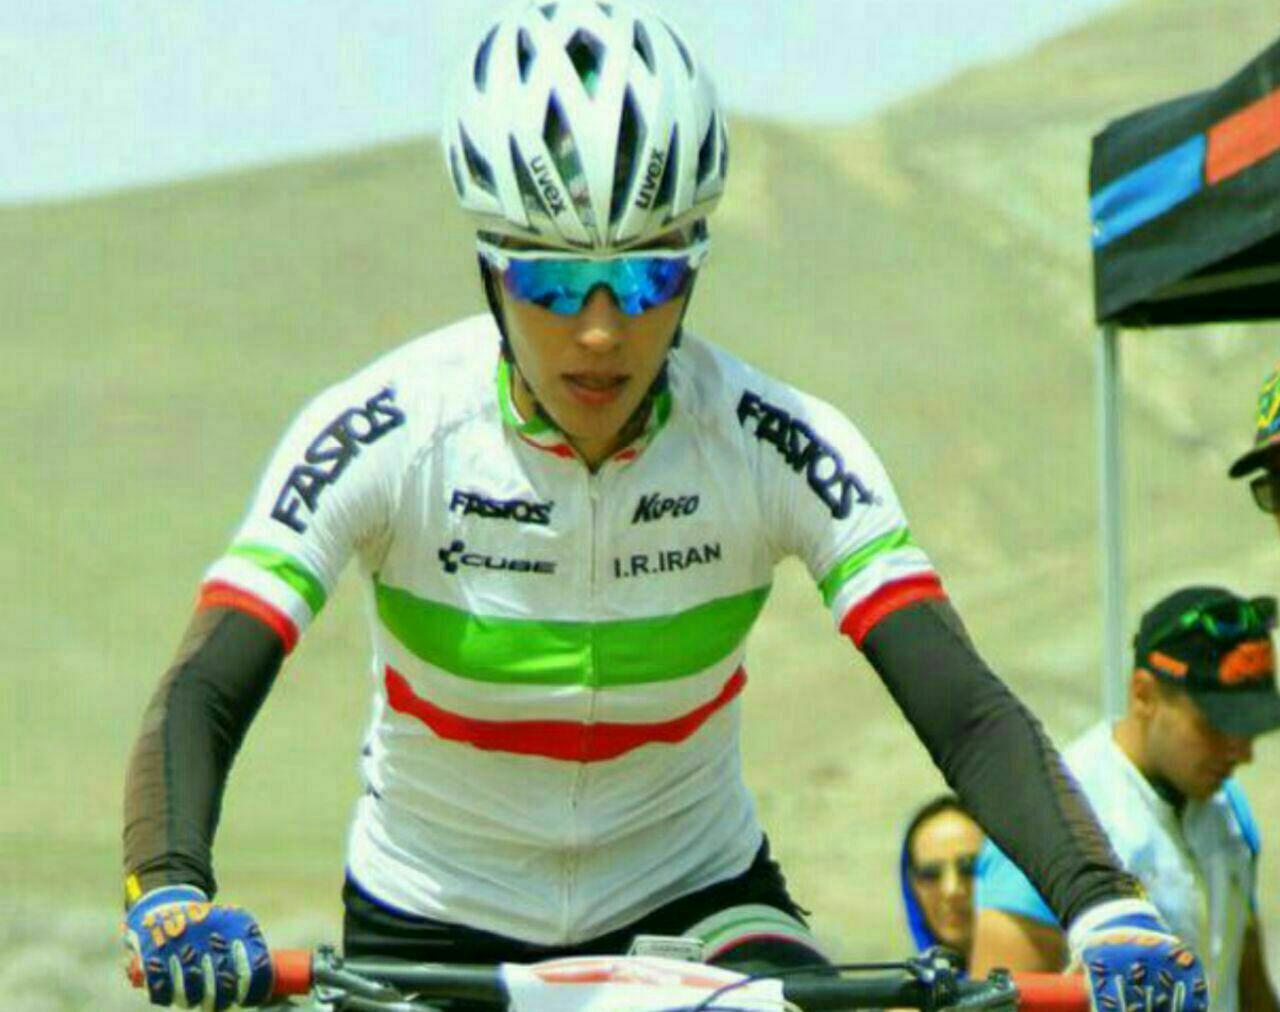 فرانک پرتوآذر، دوچرخه سوار شیرازی در رده نخست آسیا ایستاد